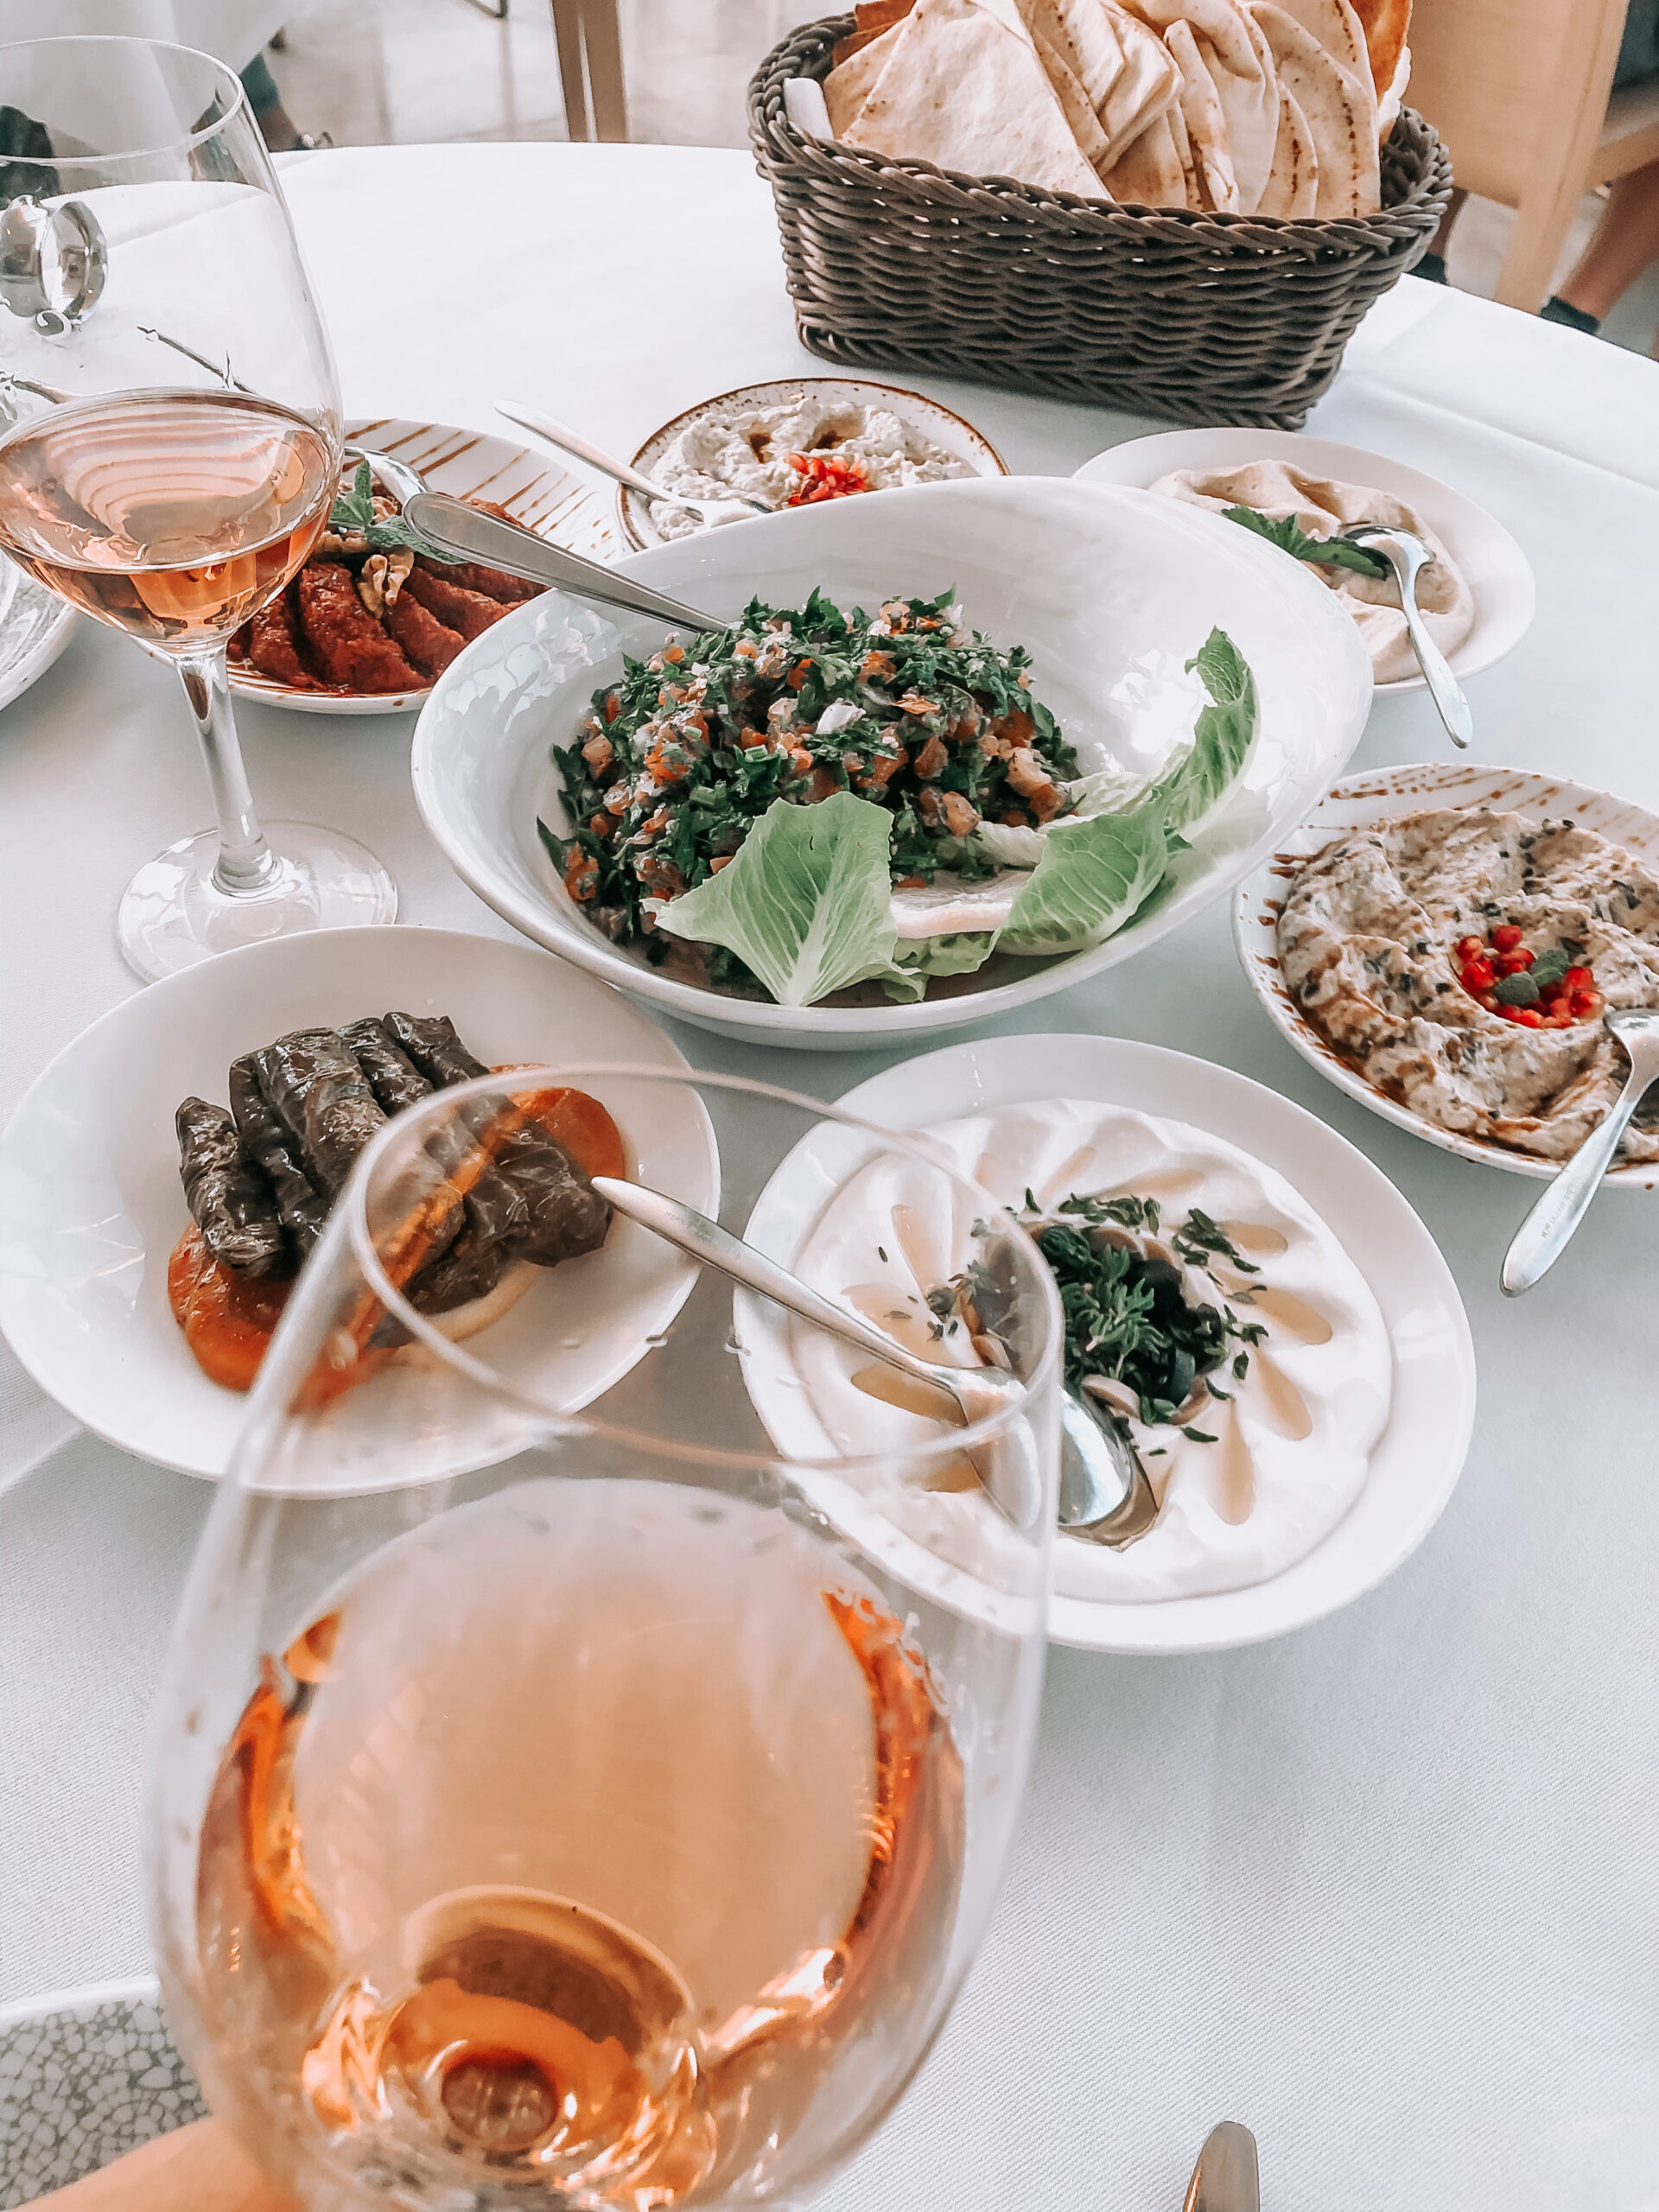 cedars amsterdam - libanees eten amsterdam - restaurants amsterdam west - hotspots nieuw west - terrassen aan het water